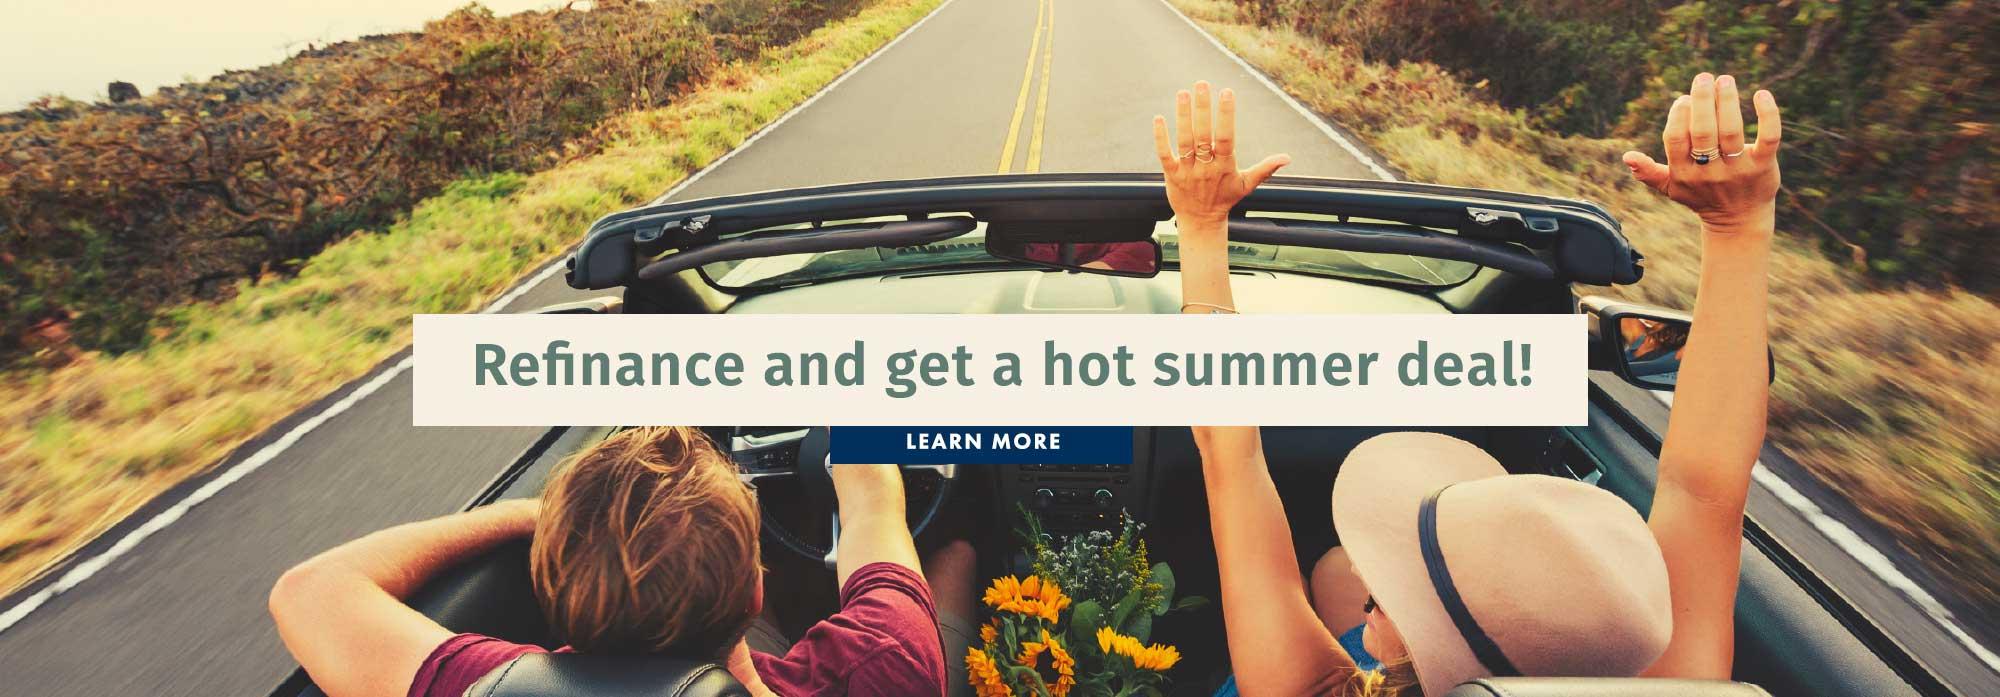 Refinance and get a hot summer deal!